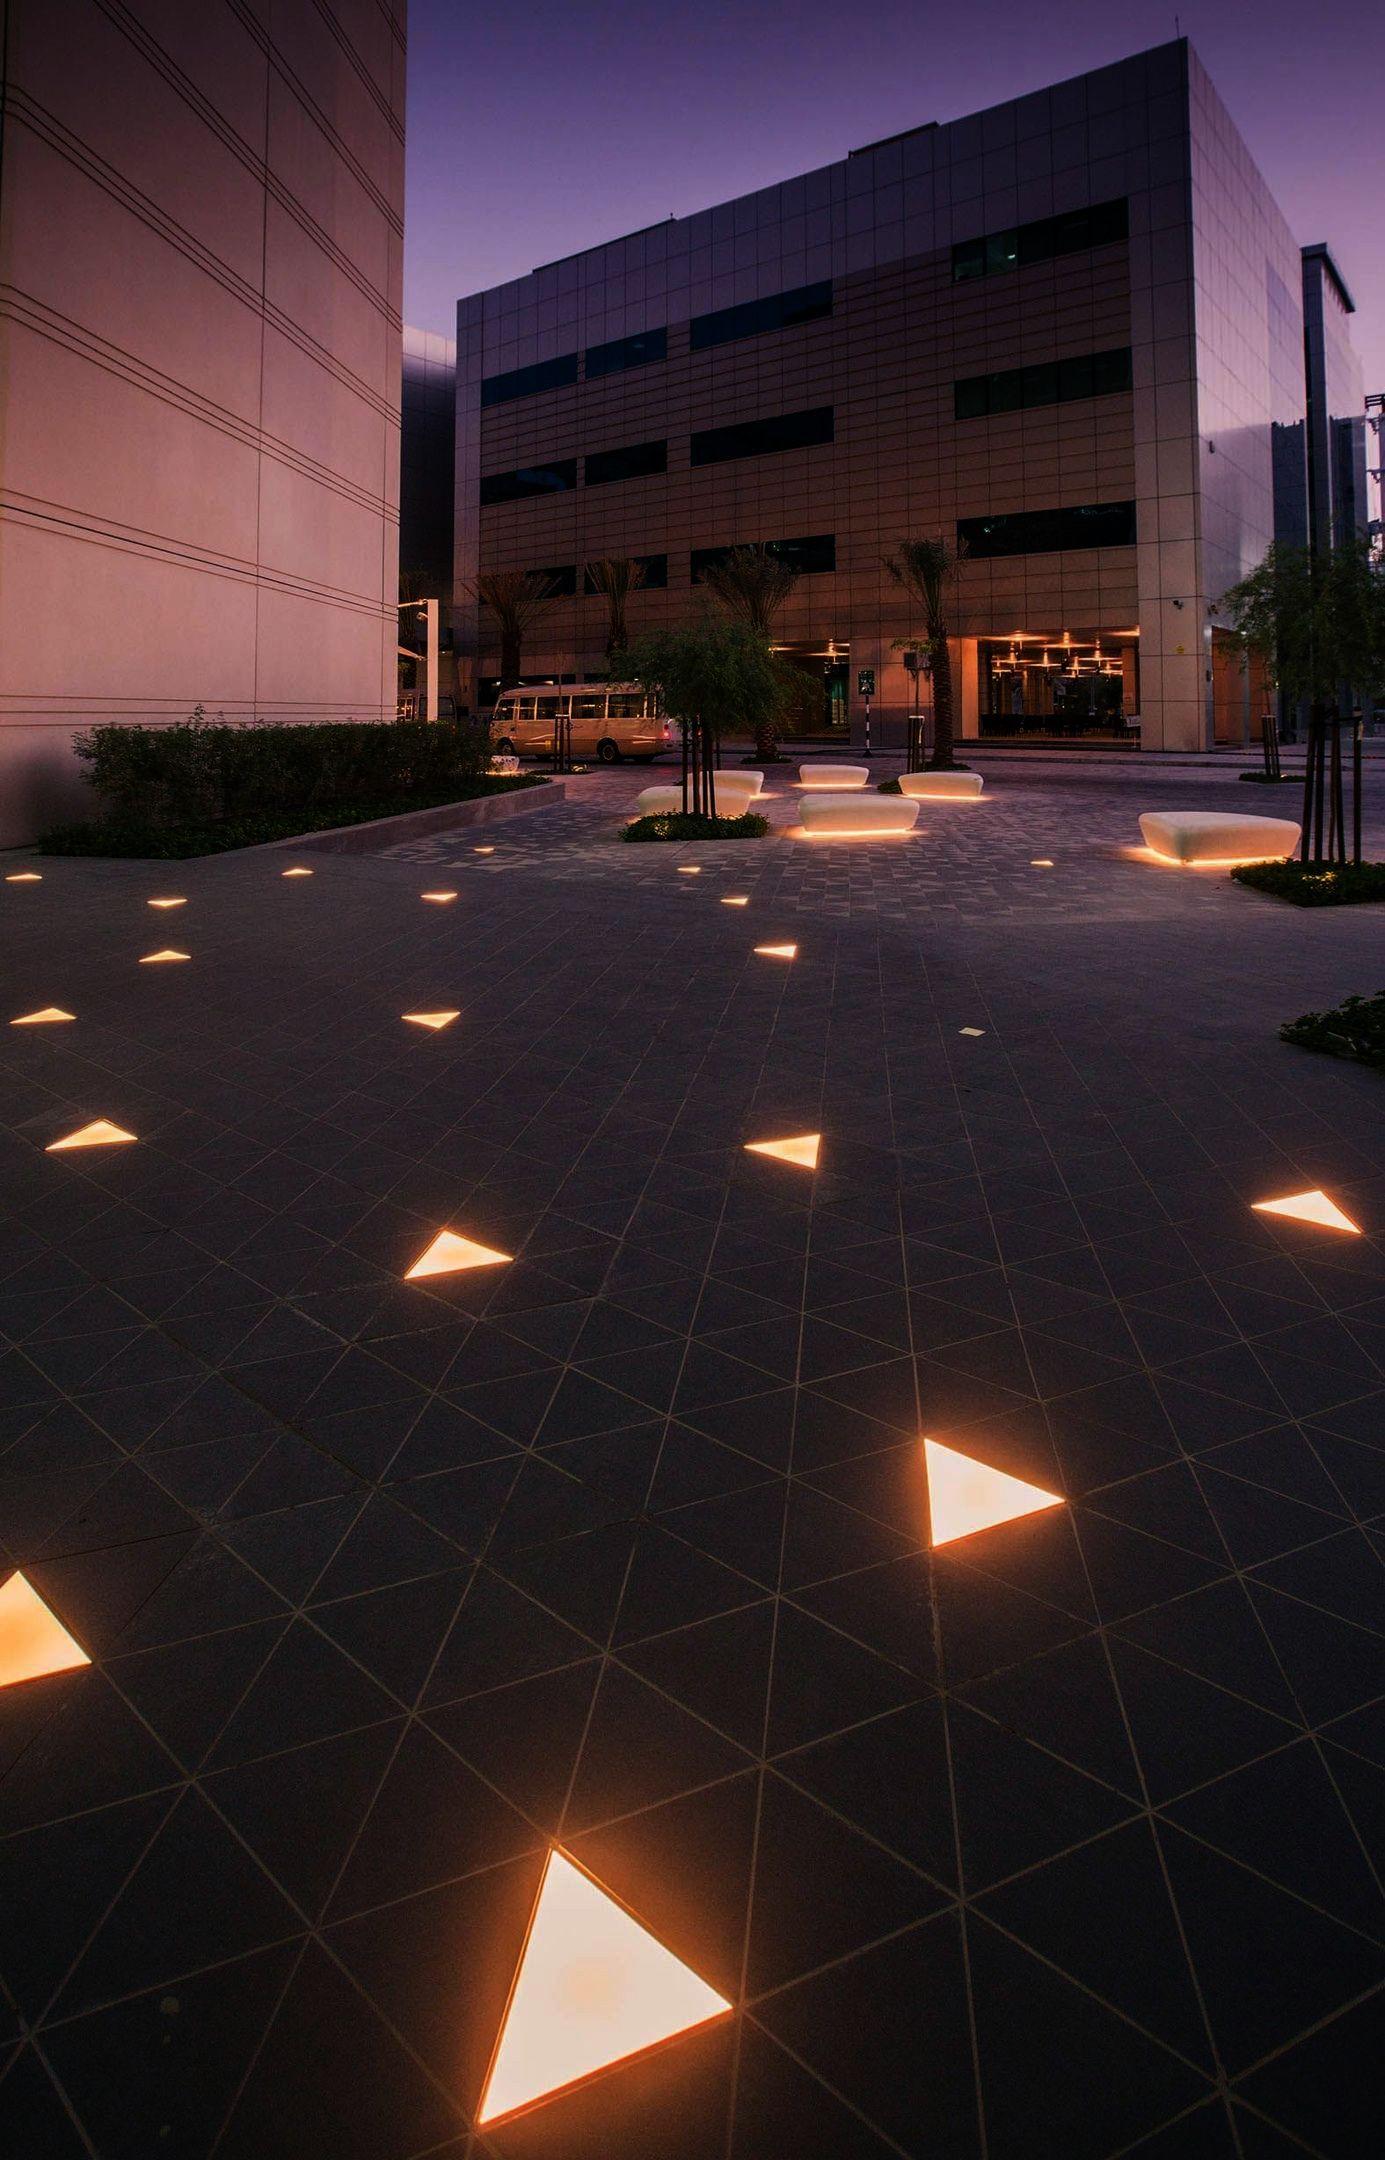 تحطيم ماركو بولو دكتورالاسنان Architectural Lighting Design Jobs Cabuildingbridges Org